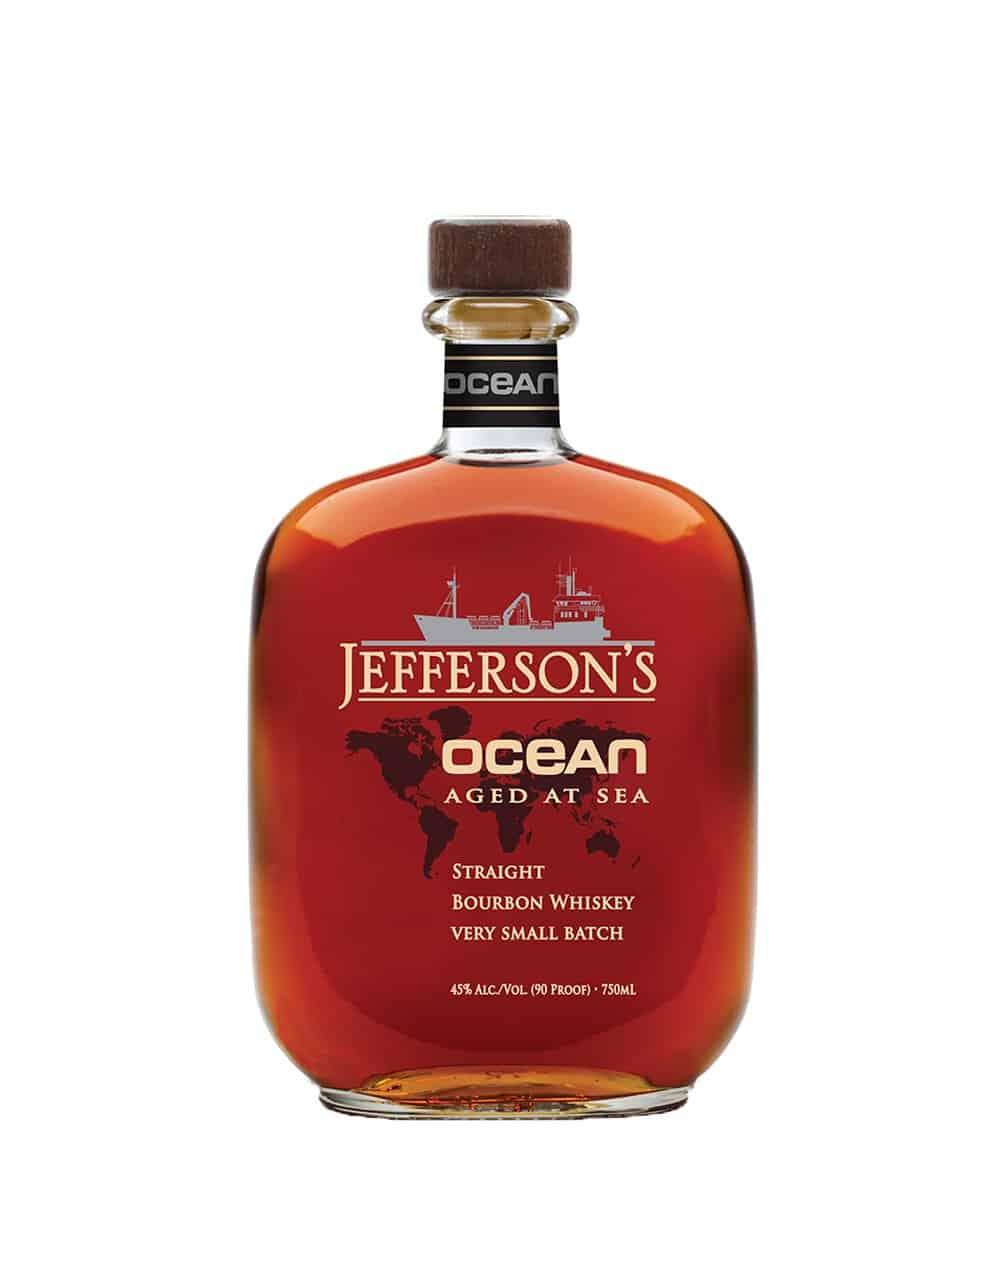 Jefferson's Ocean Bourbon